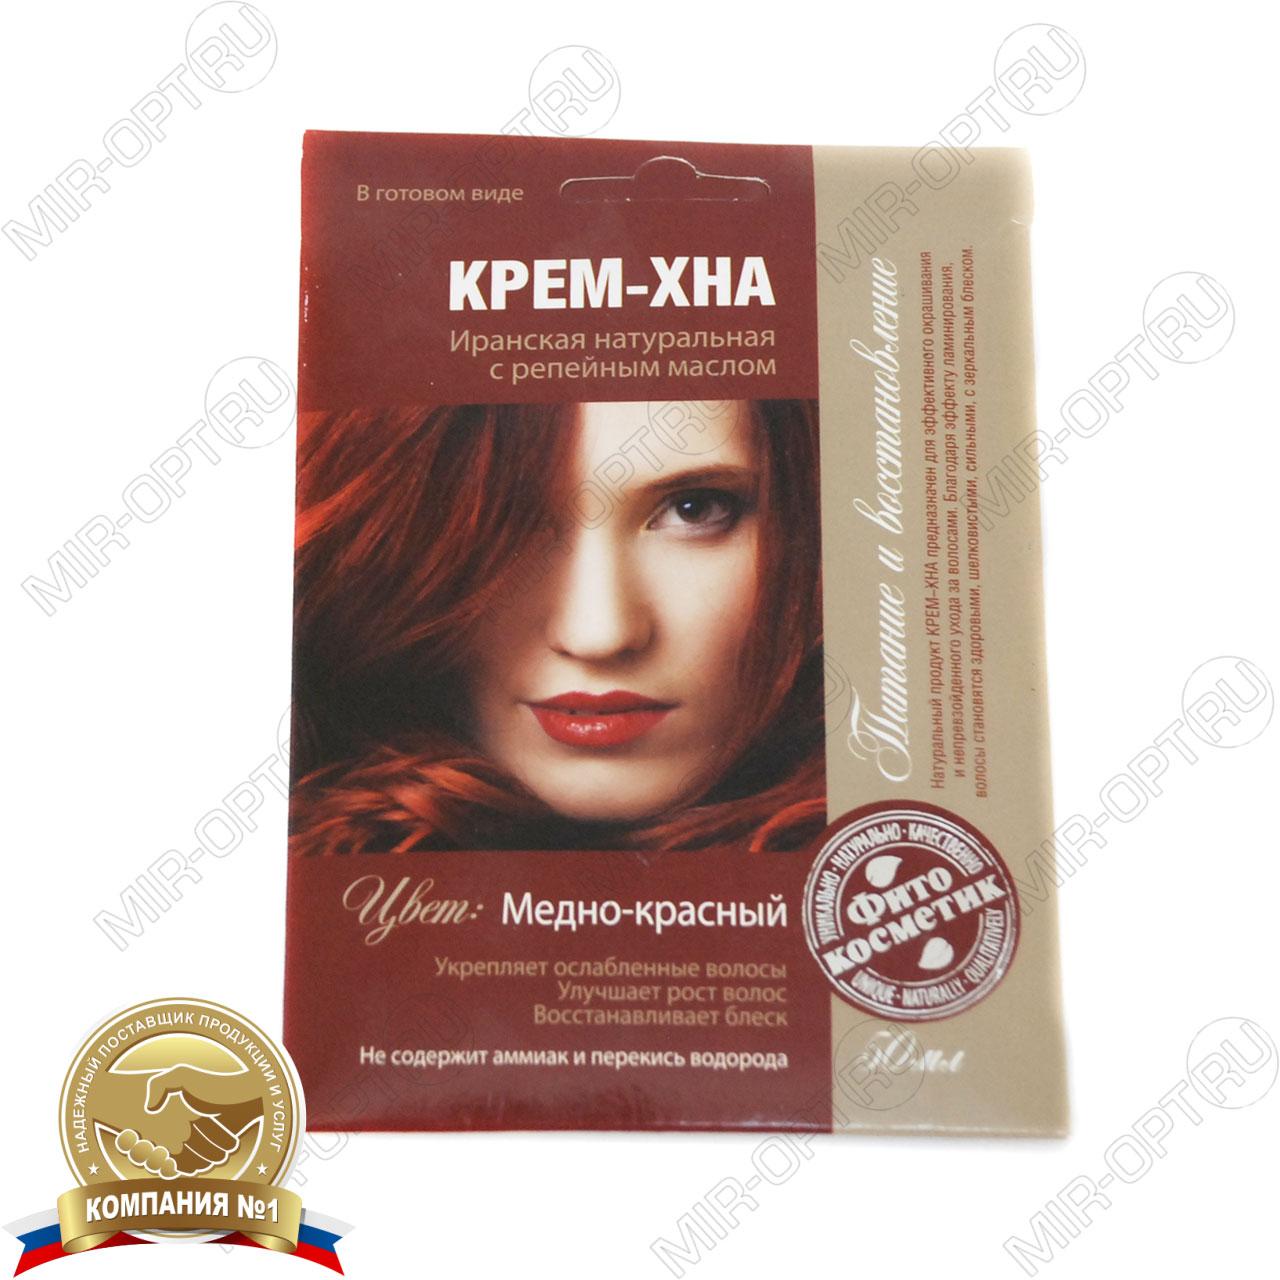 Краска для волос крем-хна отзывы